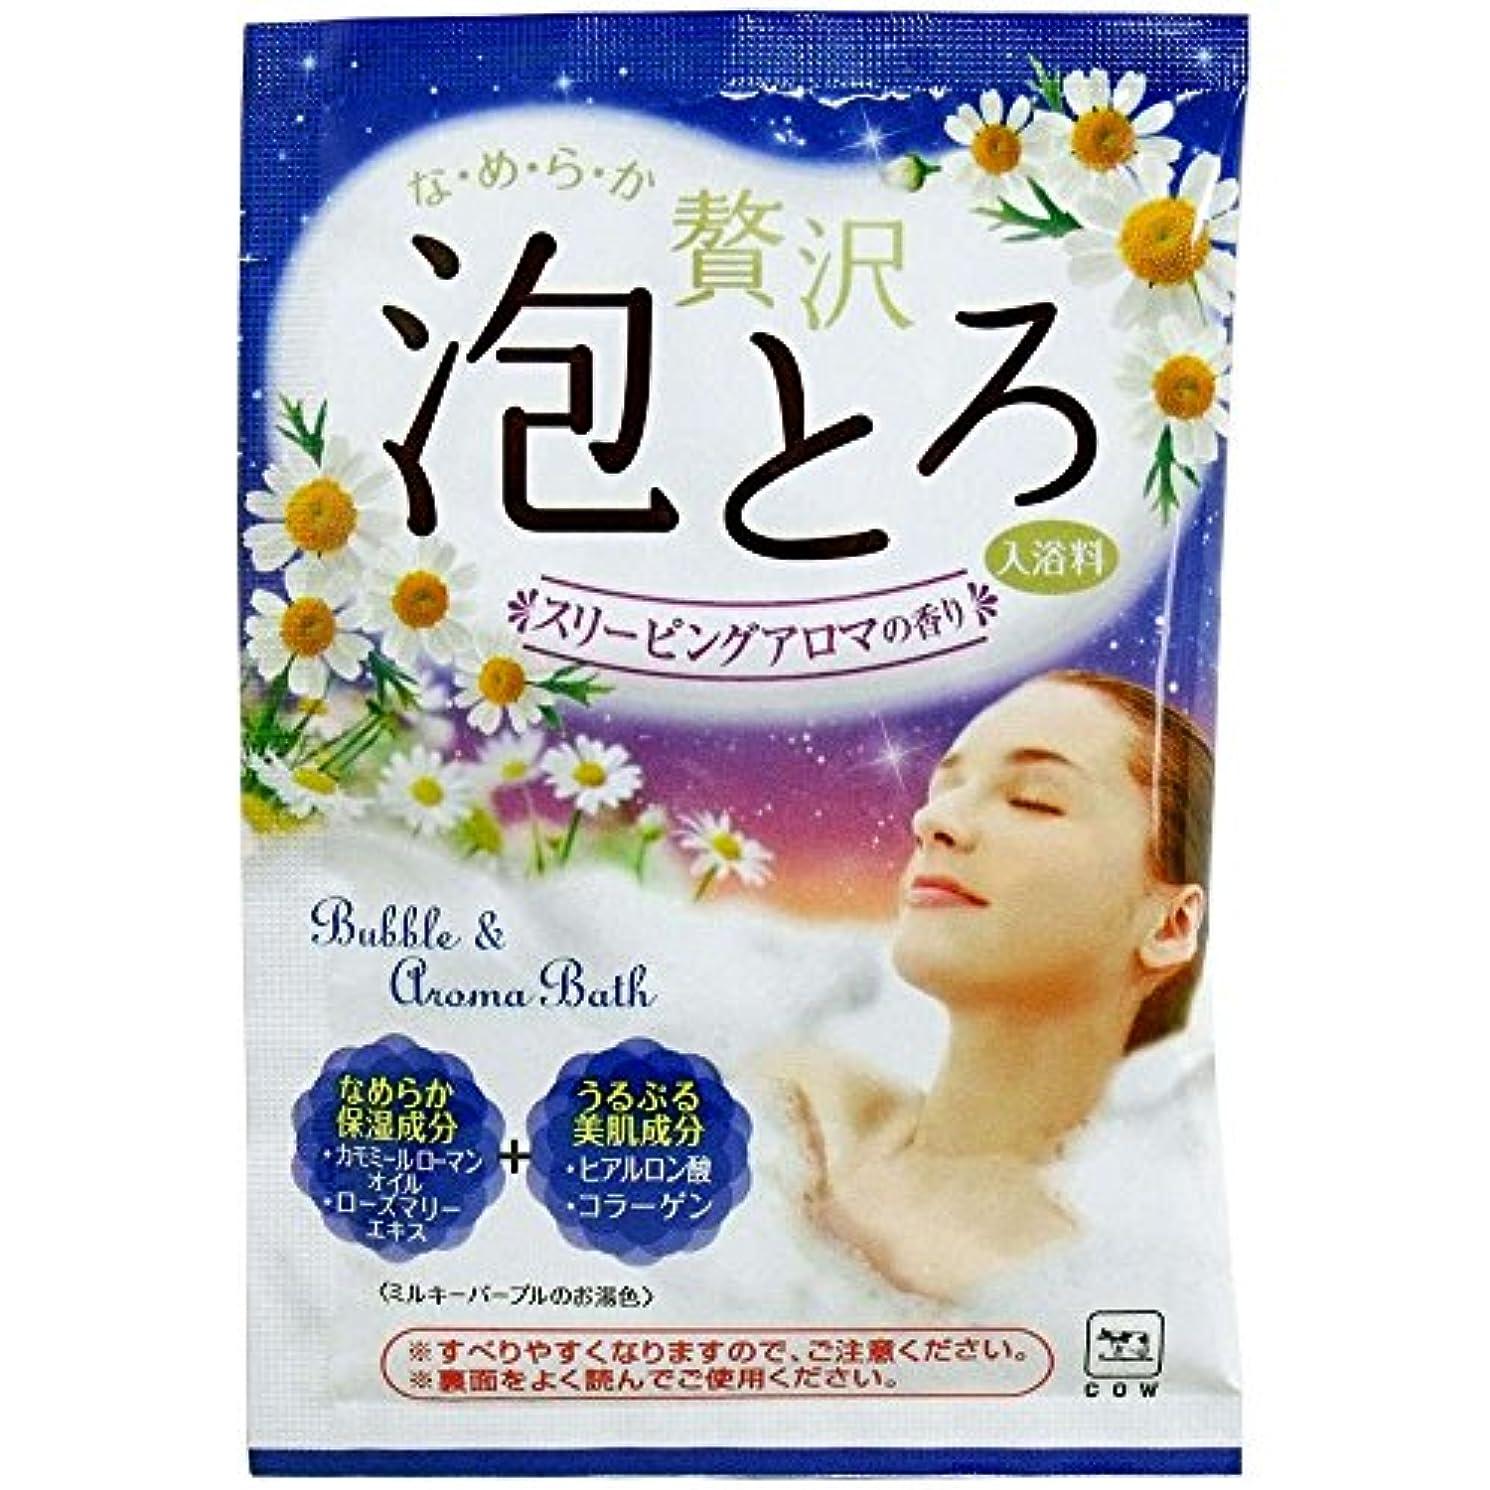 加速する体現する舌な牛乳石鹸共進社 お湯物語 贅沢泡とろ 入浴料 スリーピングアロマの香り 30g